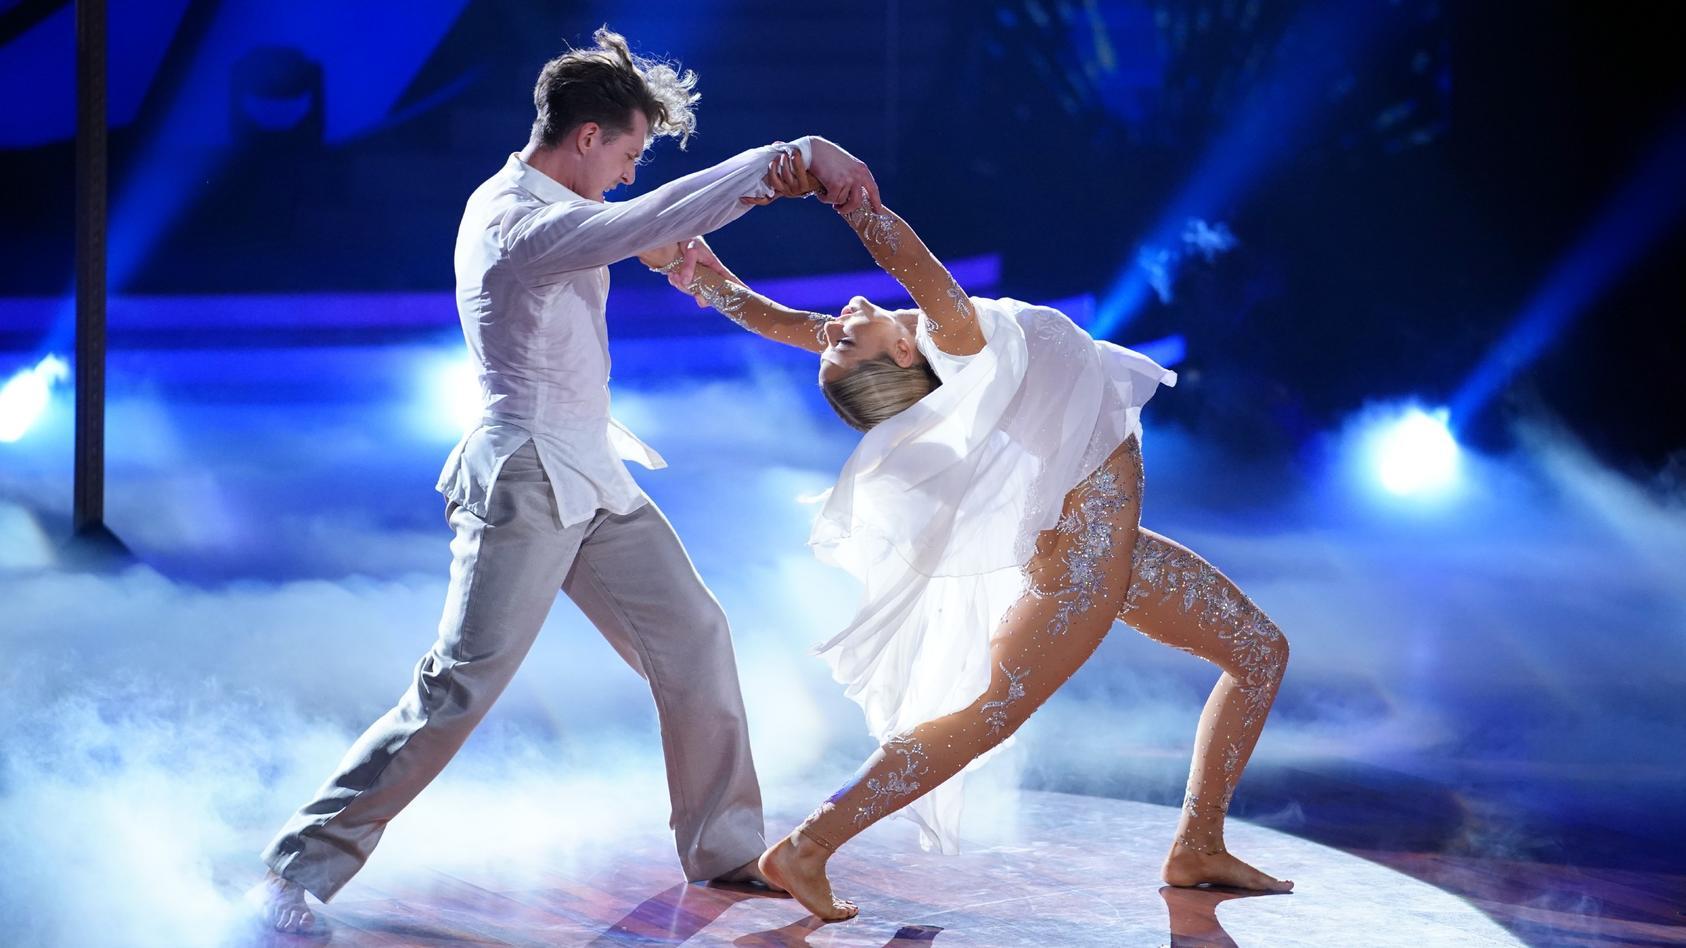 """Valentina Pahde bekam in der letzten Show 30 Punkte für ihren """"Magic Moment"""". Kann sie das mit ihrem Contemporary in Show 10 wiederholen?"""